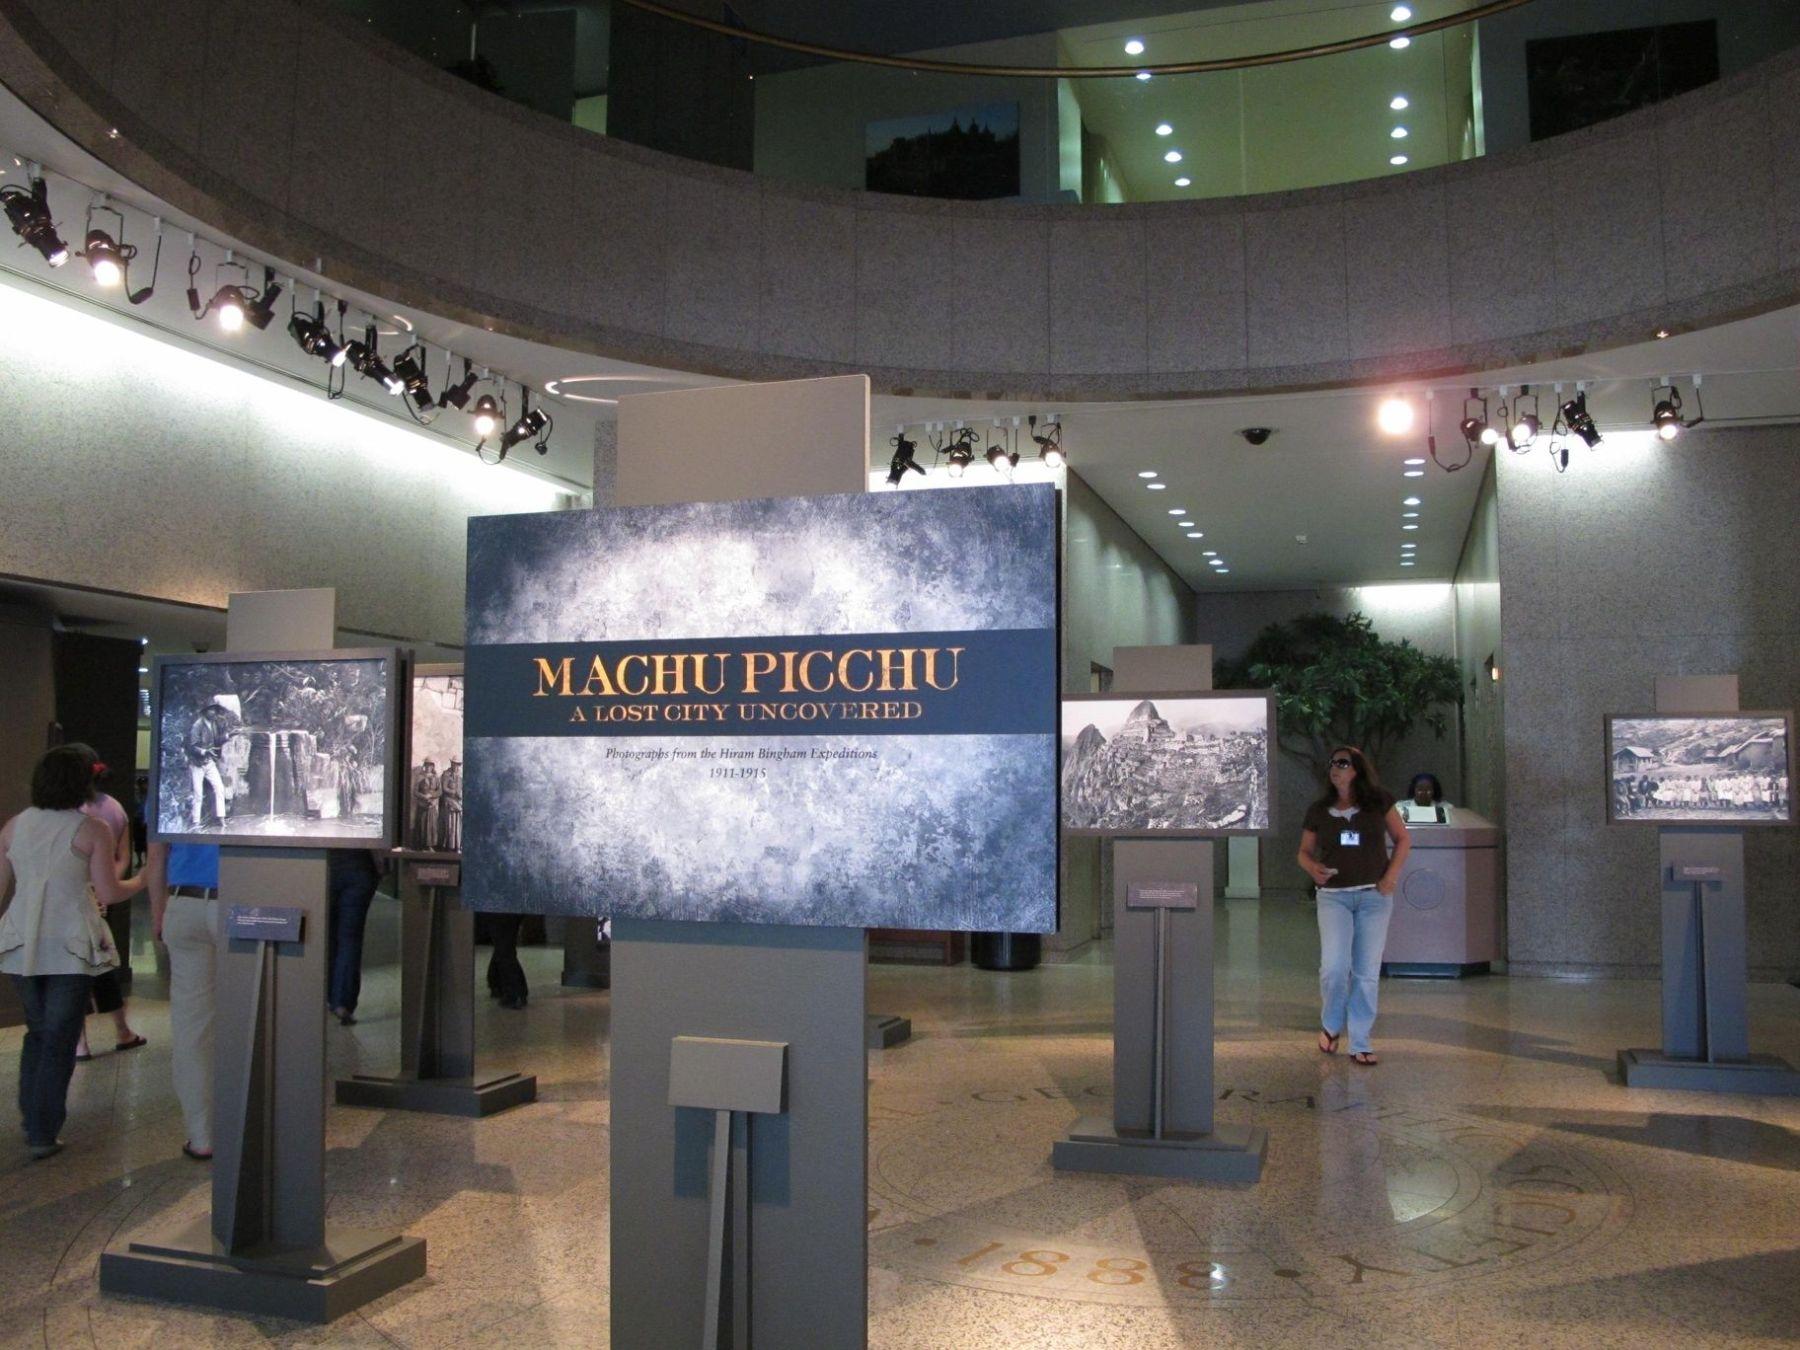 Embajada del Perú en Estados Unidos, en asociación con National Geographic Society (NatGeo), celebra en Washington DC el Centenario del Develamiento de Machu Picchu para el Mundo. Foto. Andina/ Embajada de Perú en Washington